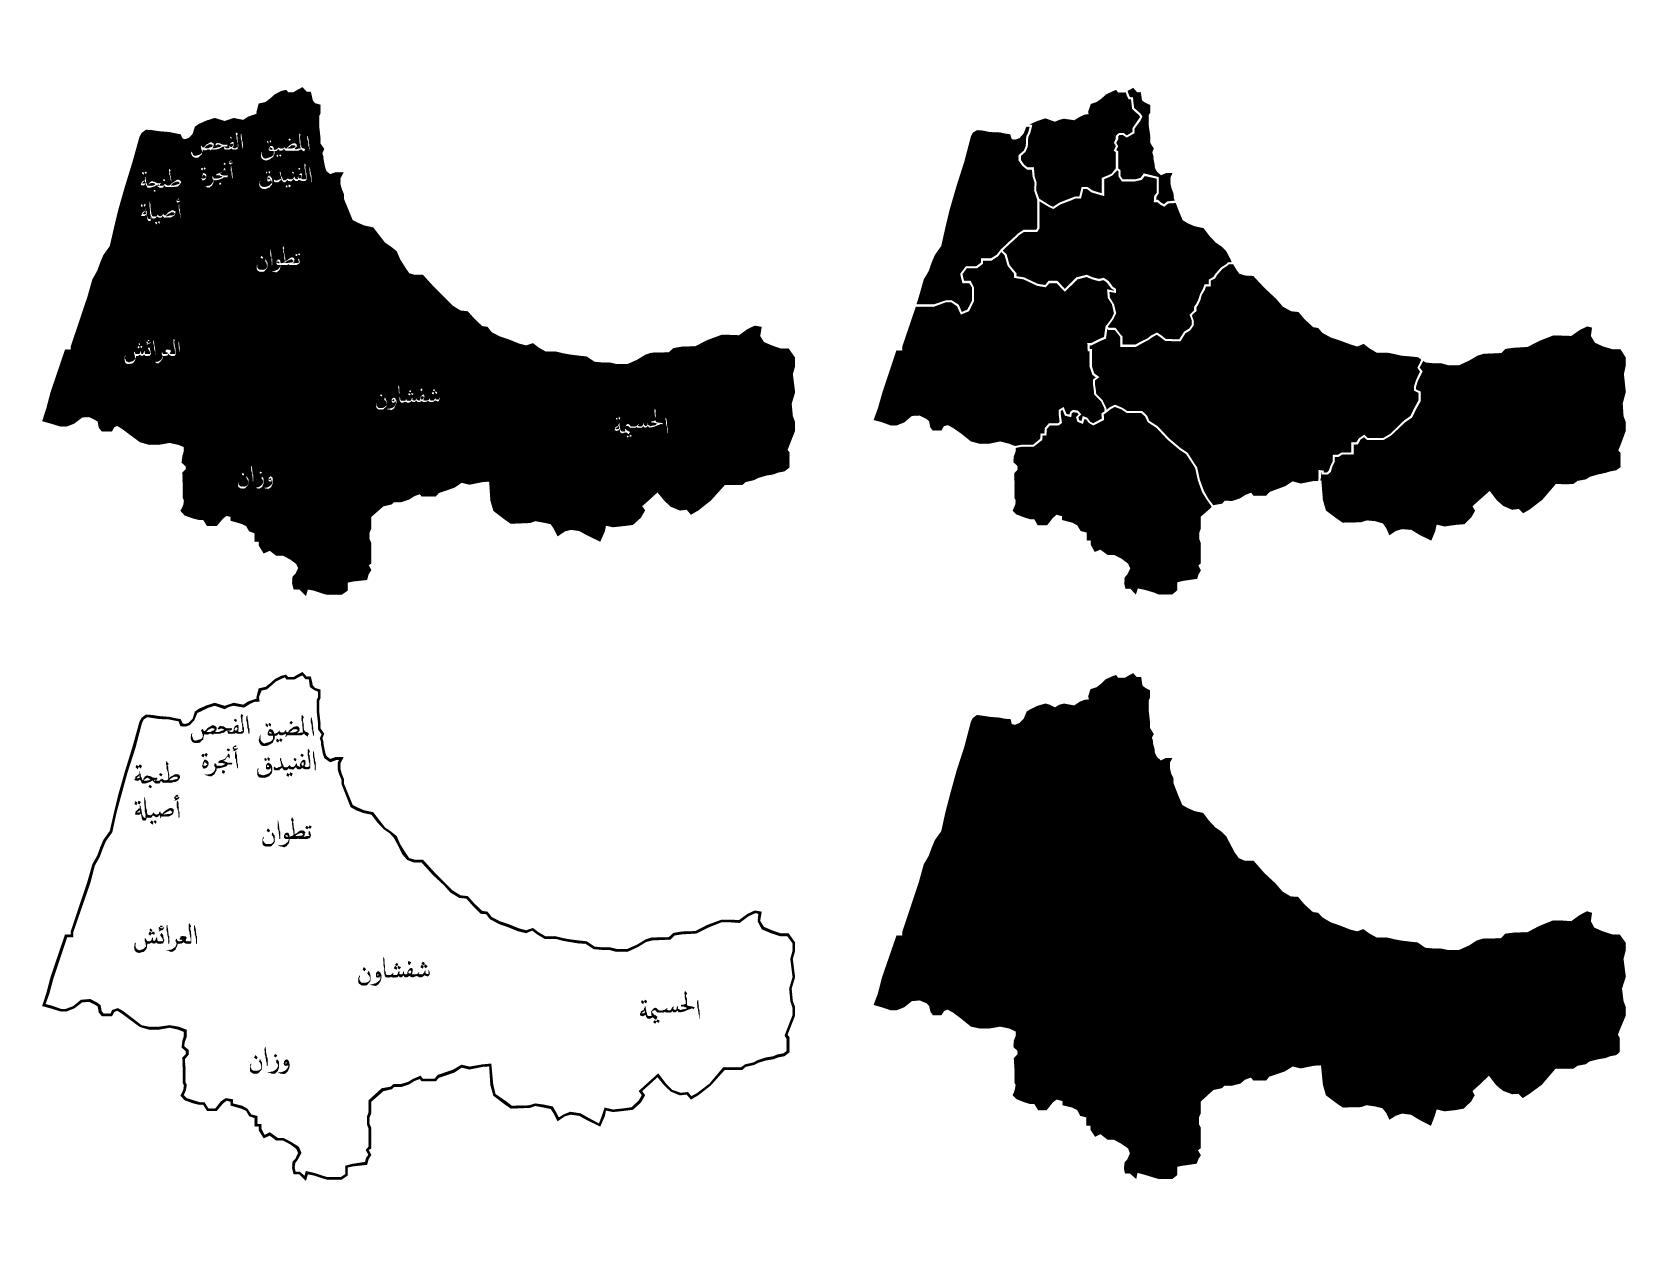 map tanger tetouan al hoceima vector svg eps psd ai pdf png download free #tanger #tetouan #arab #morocco #maroc #vectors #fonts #vector #svg #eps